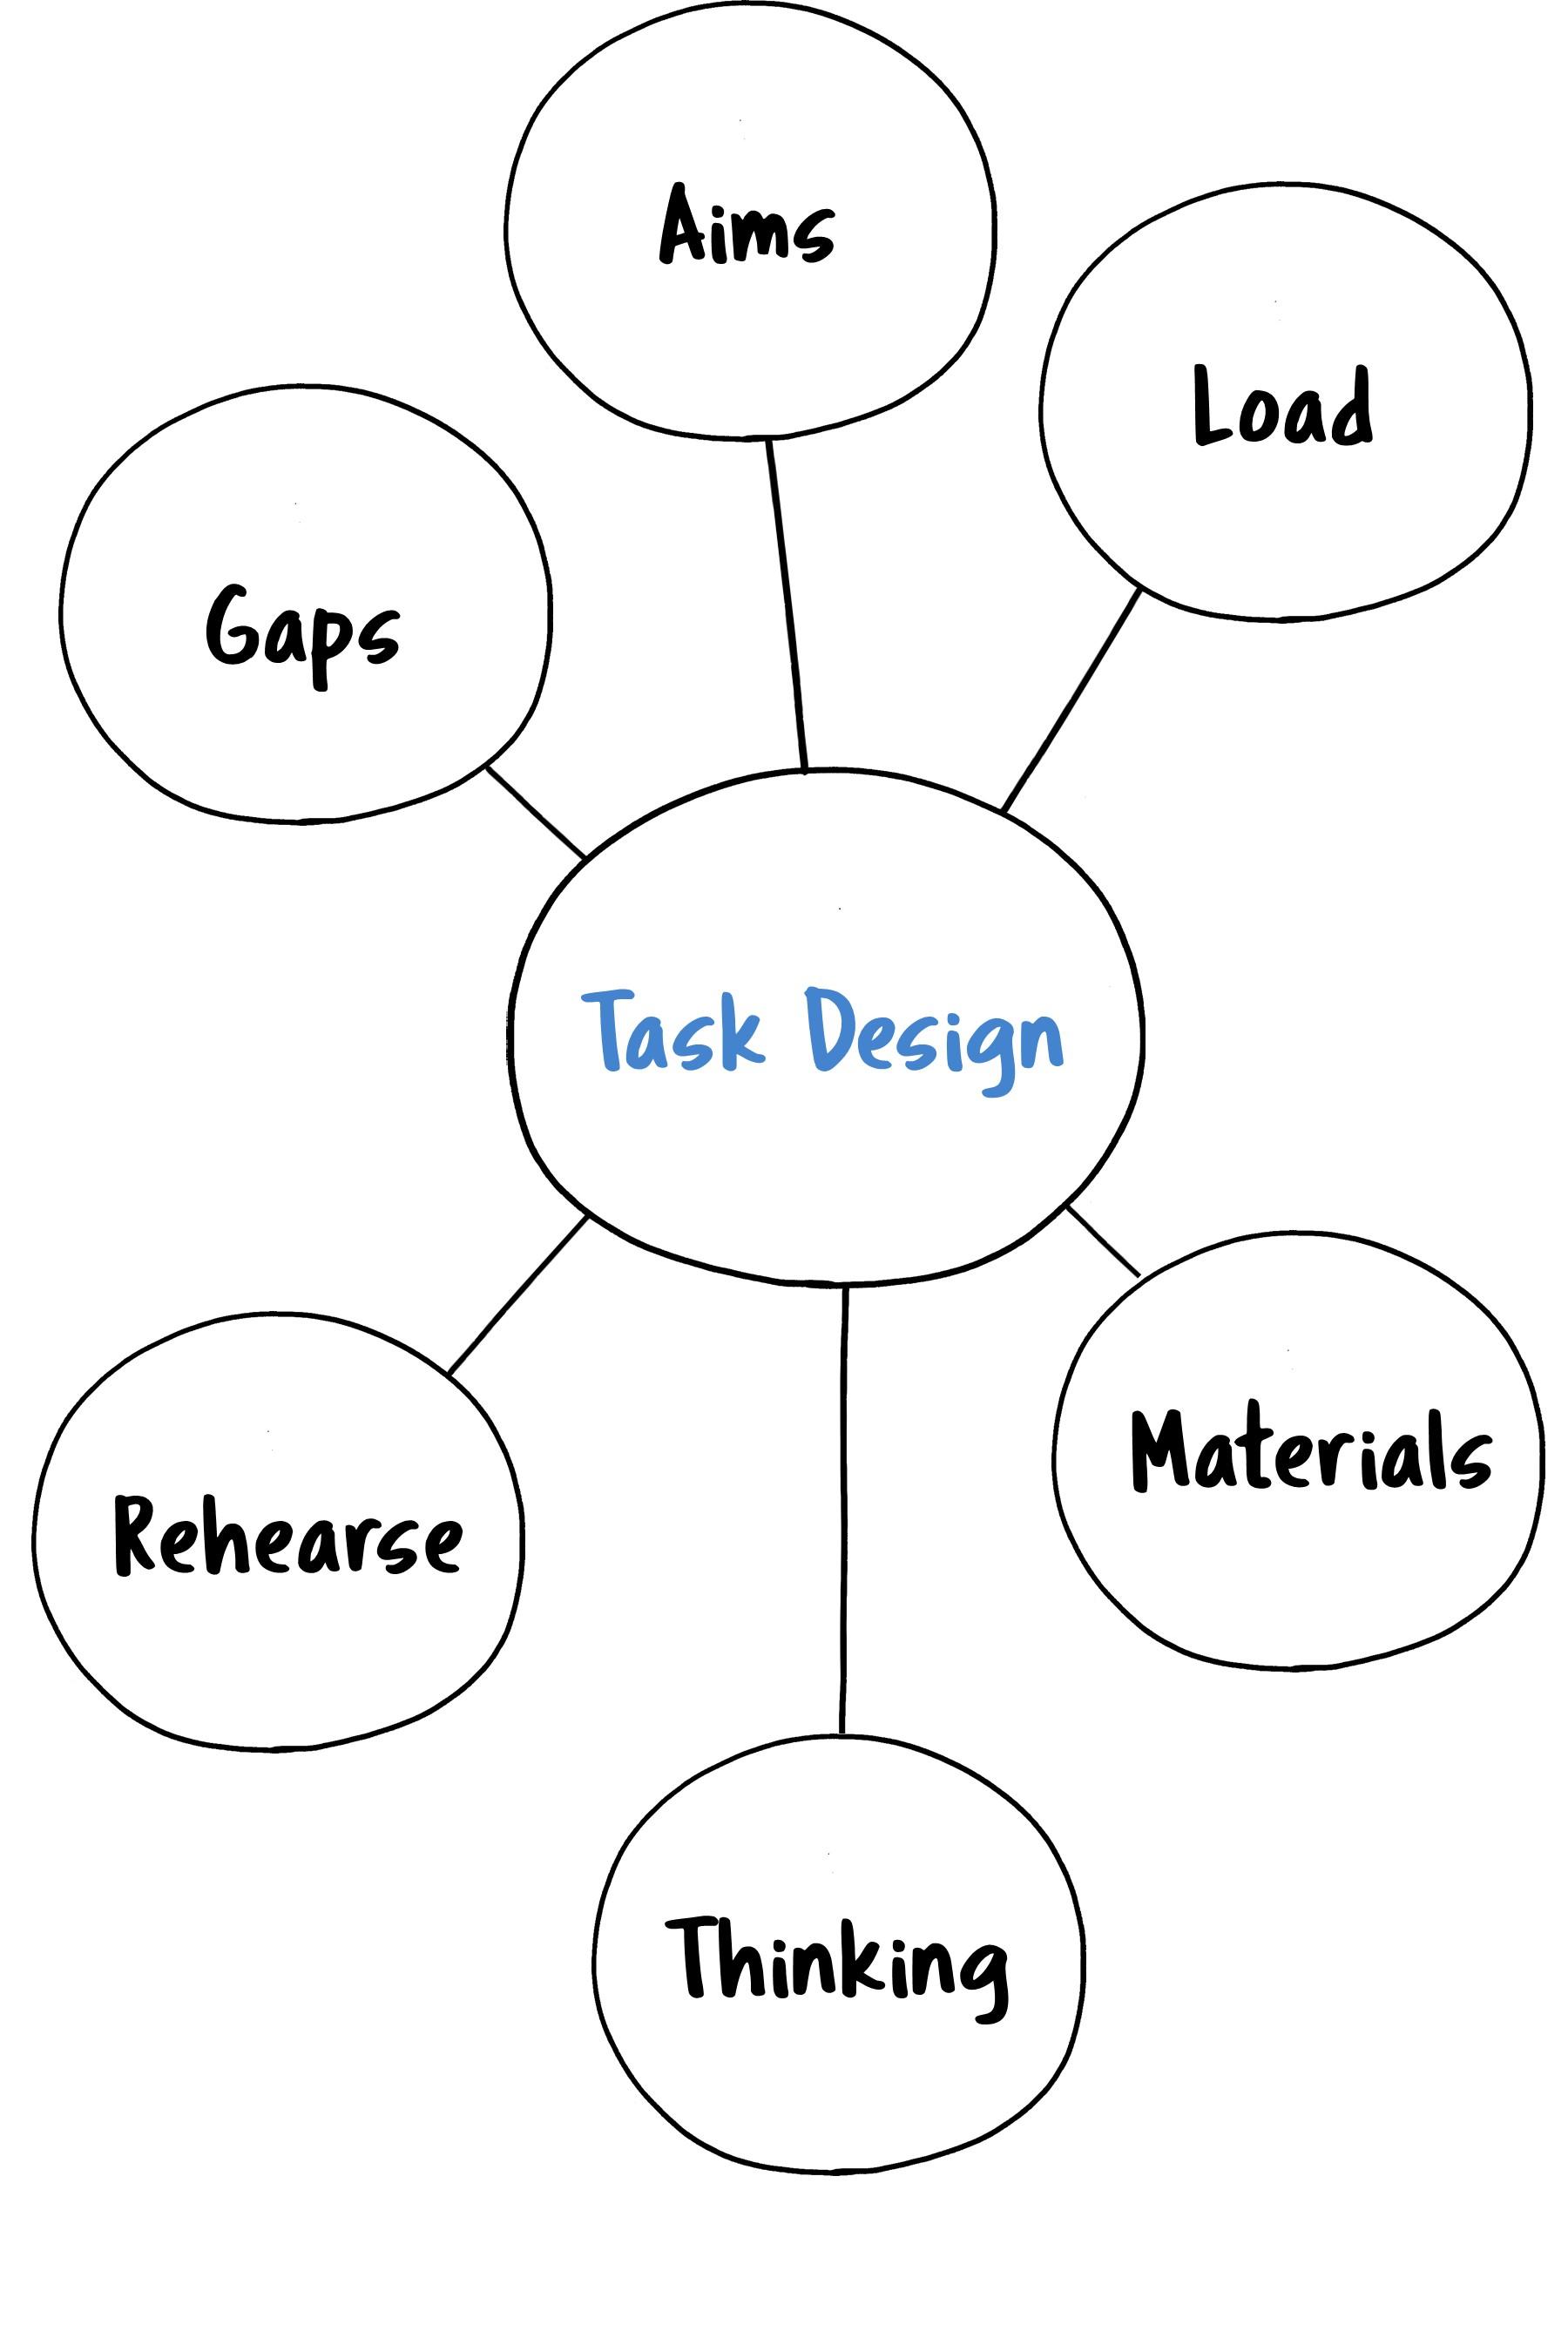 Task Design.jpg